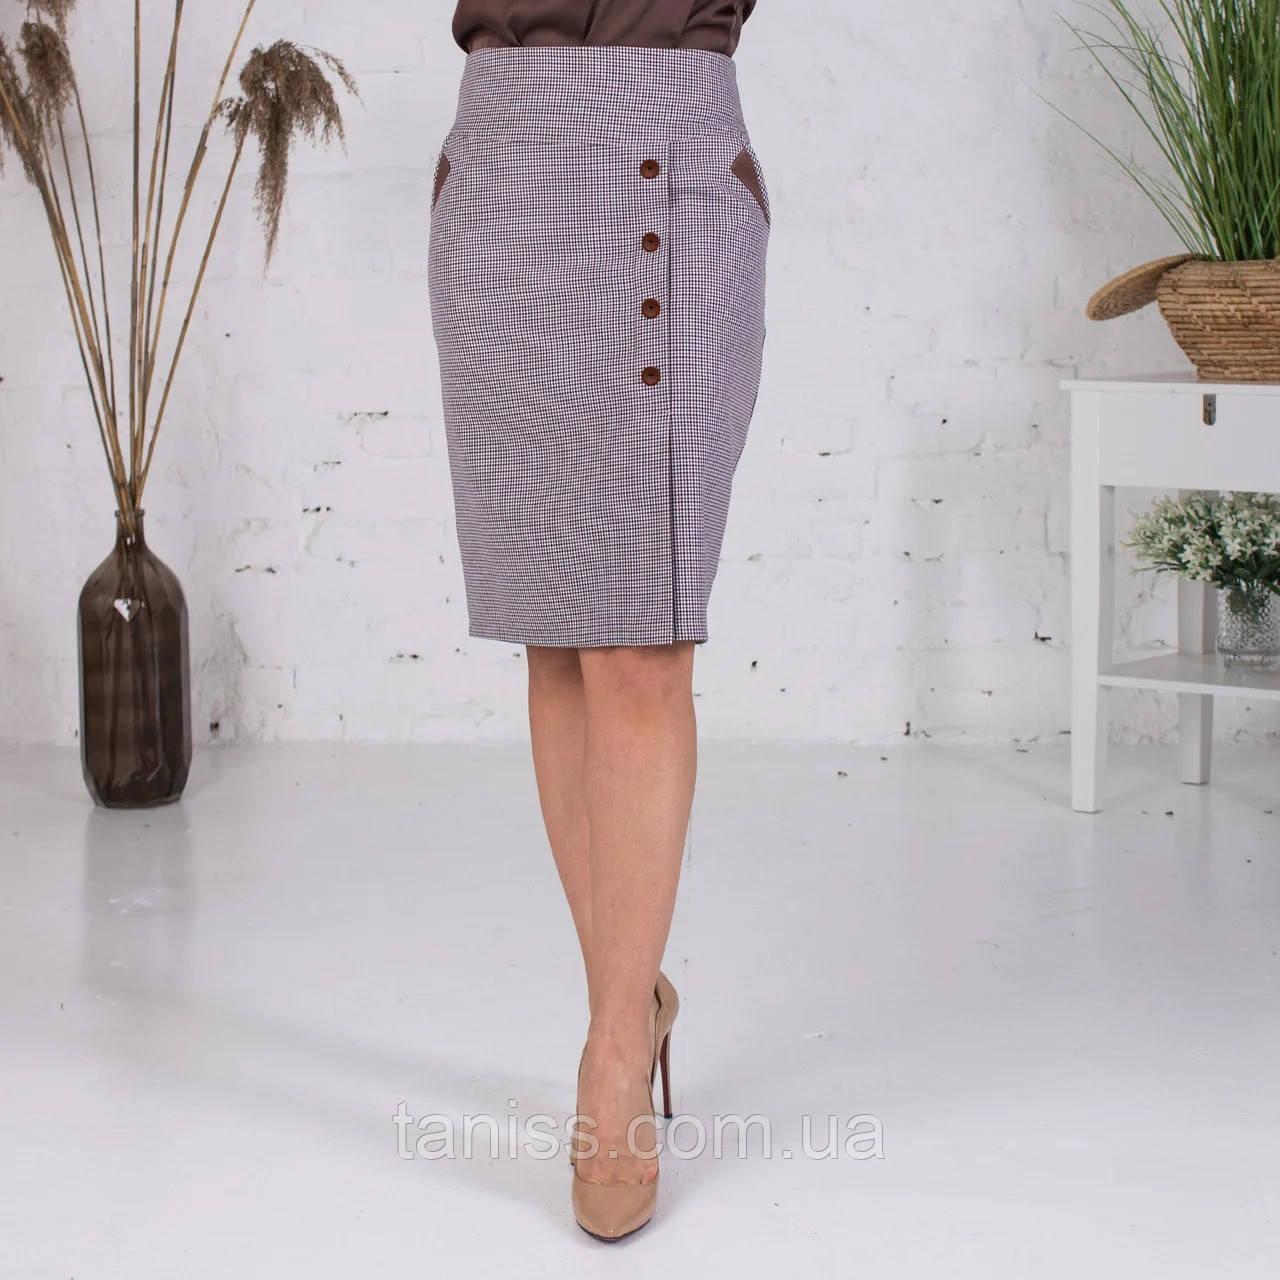 """Женская классическая прямая  юбка"""" Эрика"""", ткань костюмка  , р-р  44,46, 48, 50, 52, 54,  клетка с коричневым"""